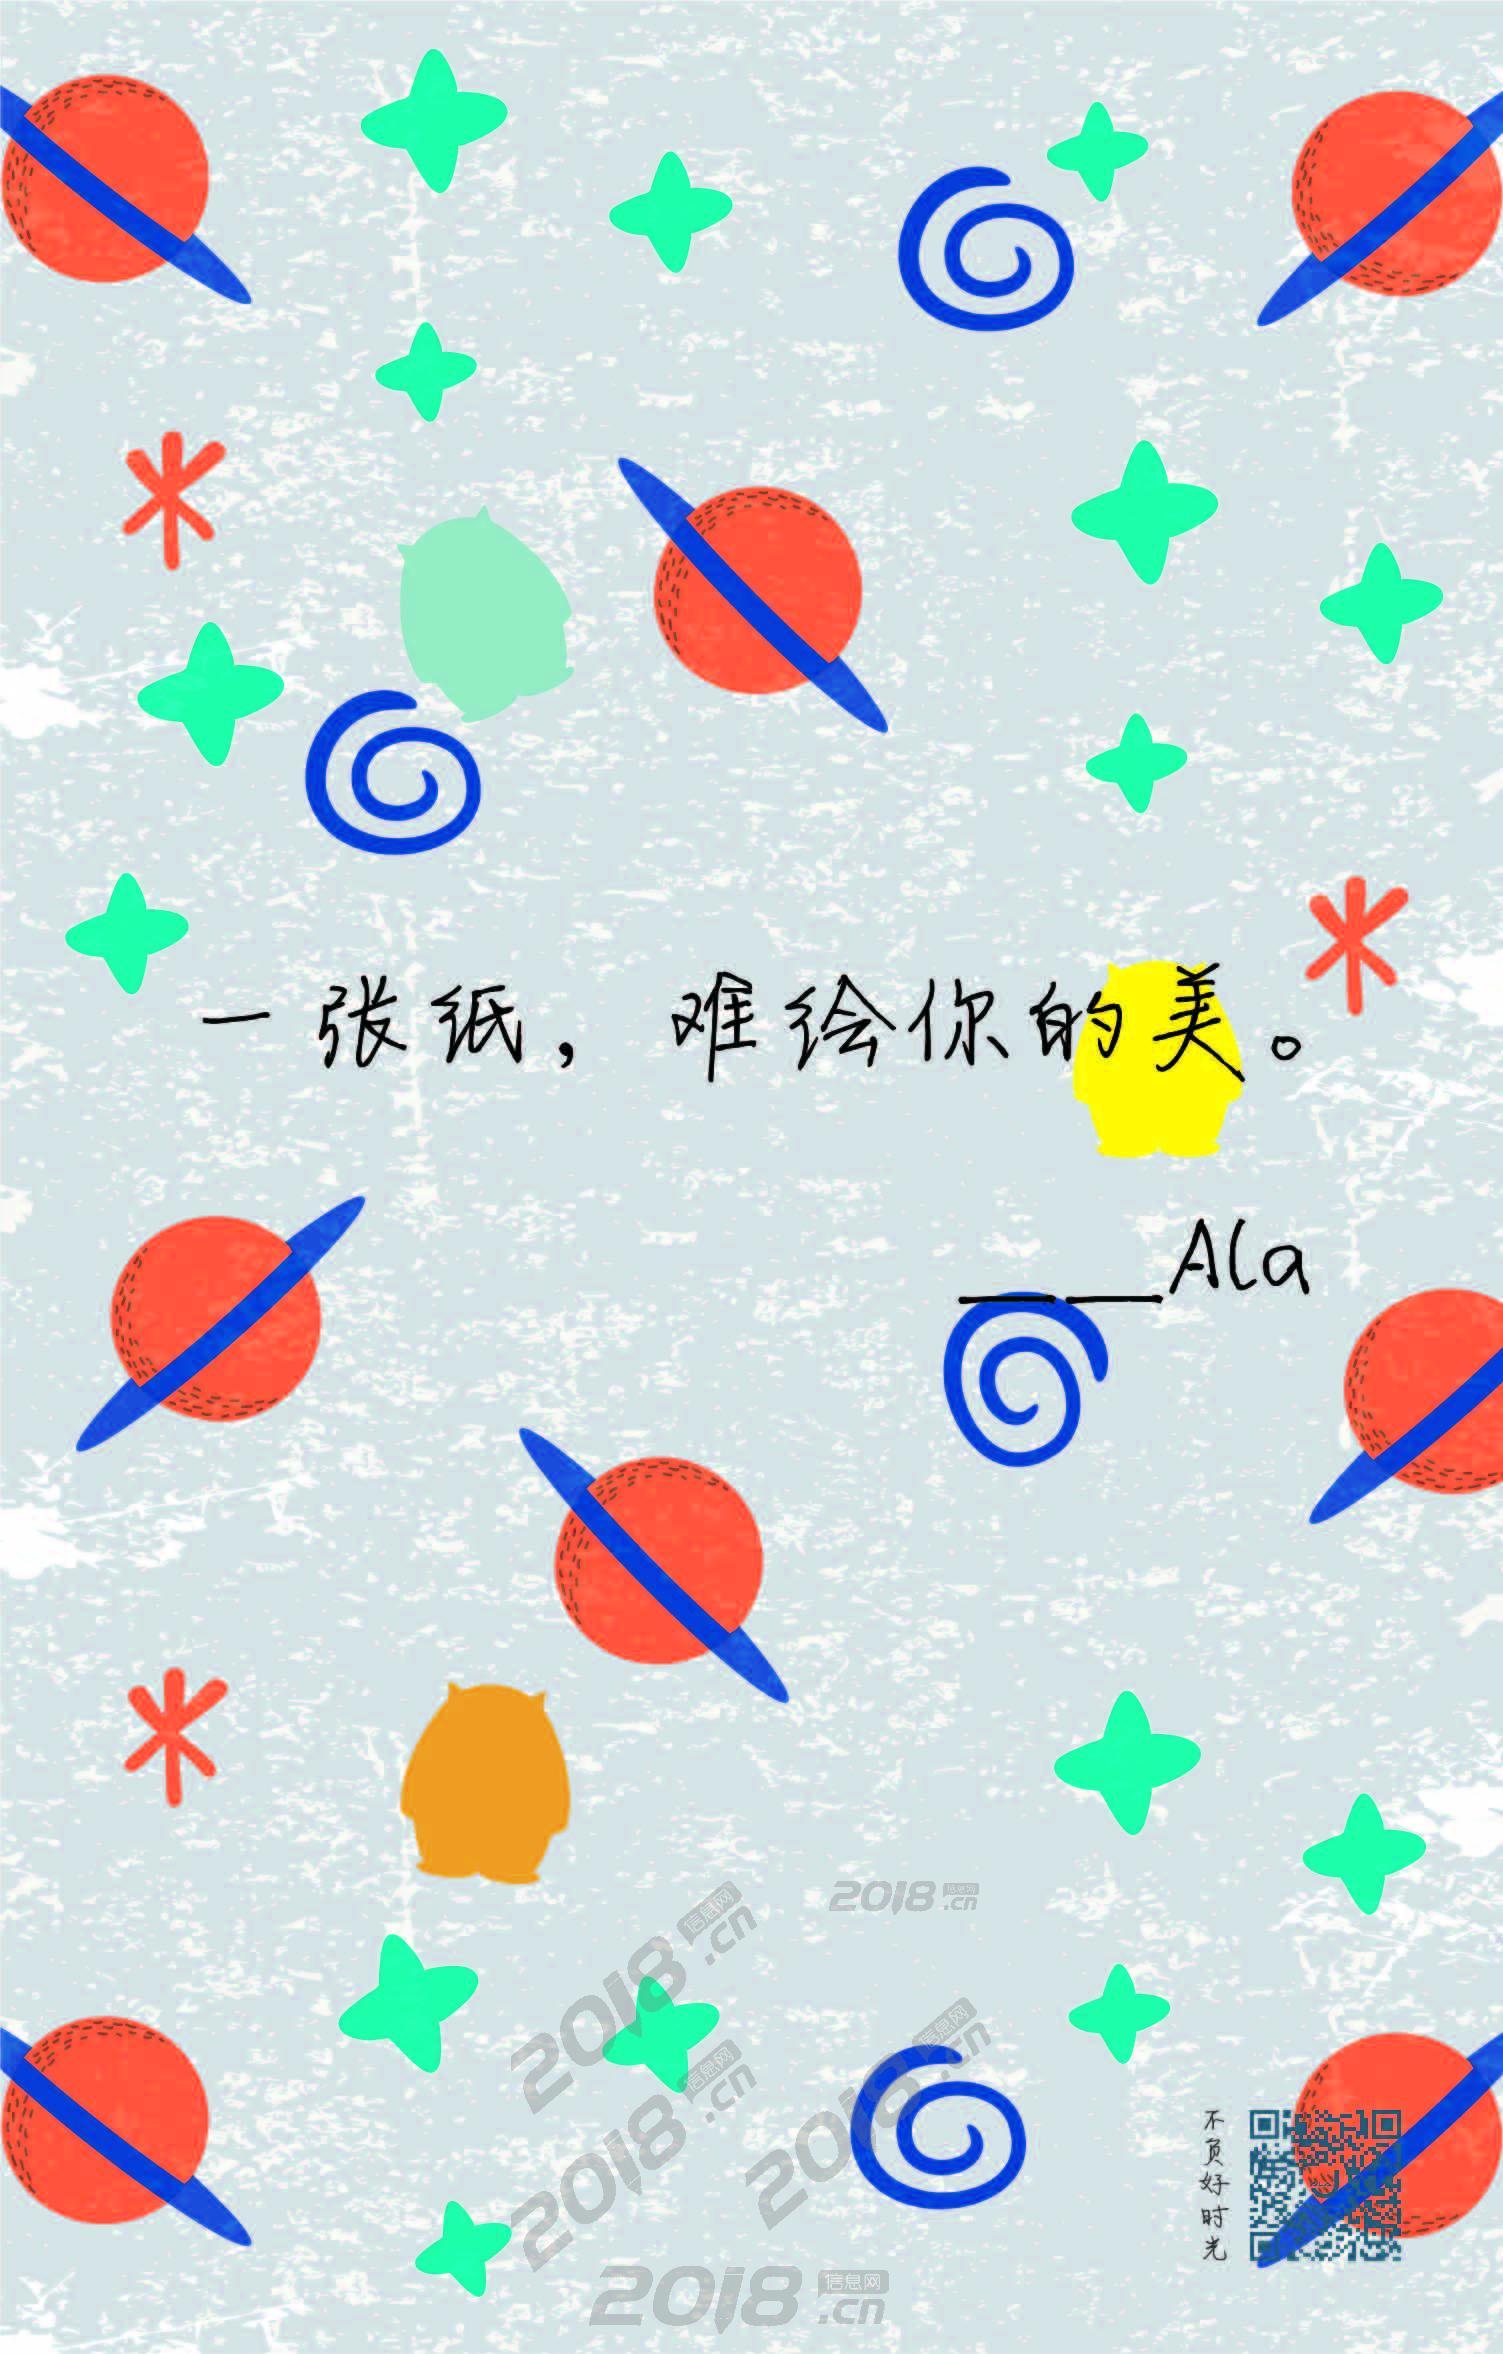 深圳阿拉卓盈酒店全娄底地区加盟推广